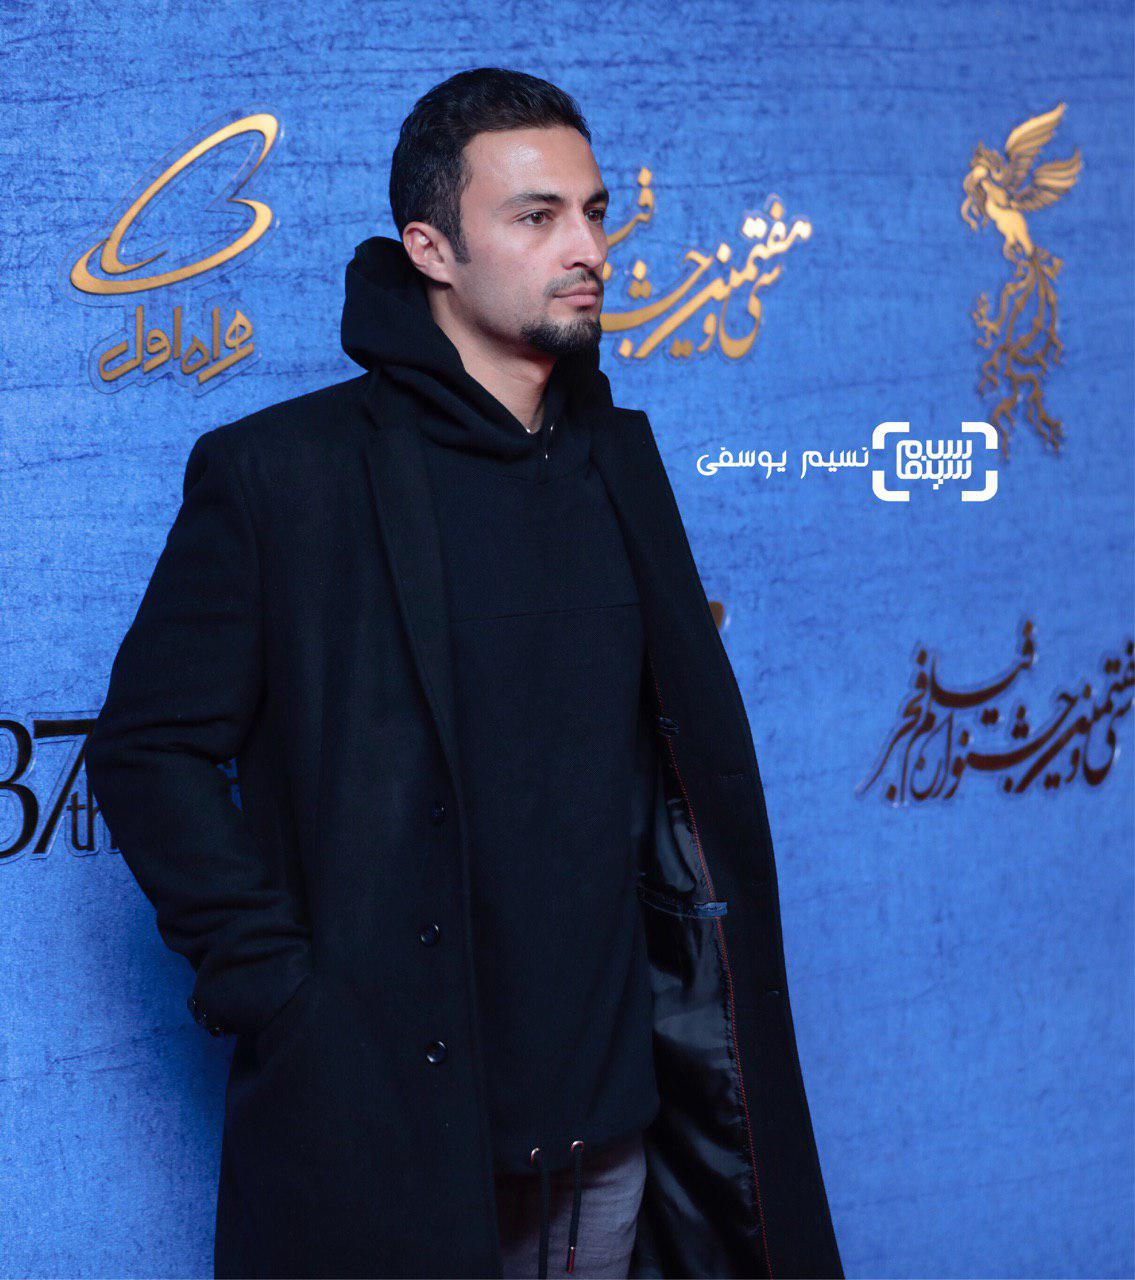 امیر جدیدی گزارش تصویری اکران و نشست فیلم «غلامرضا تختی»/جشنواره فجر 37